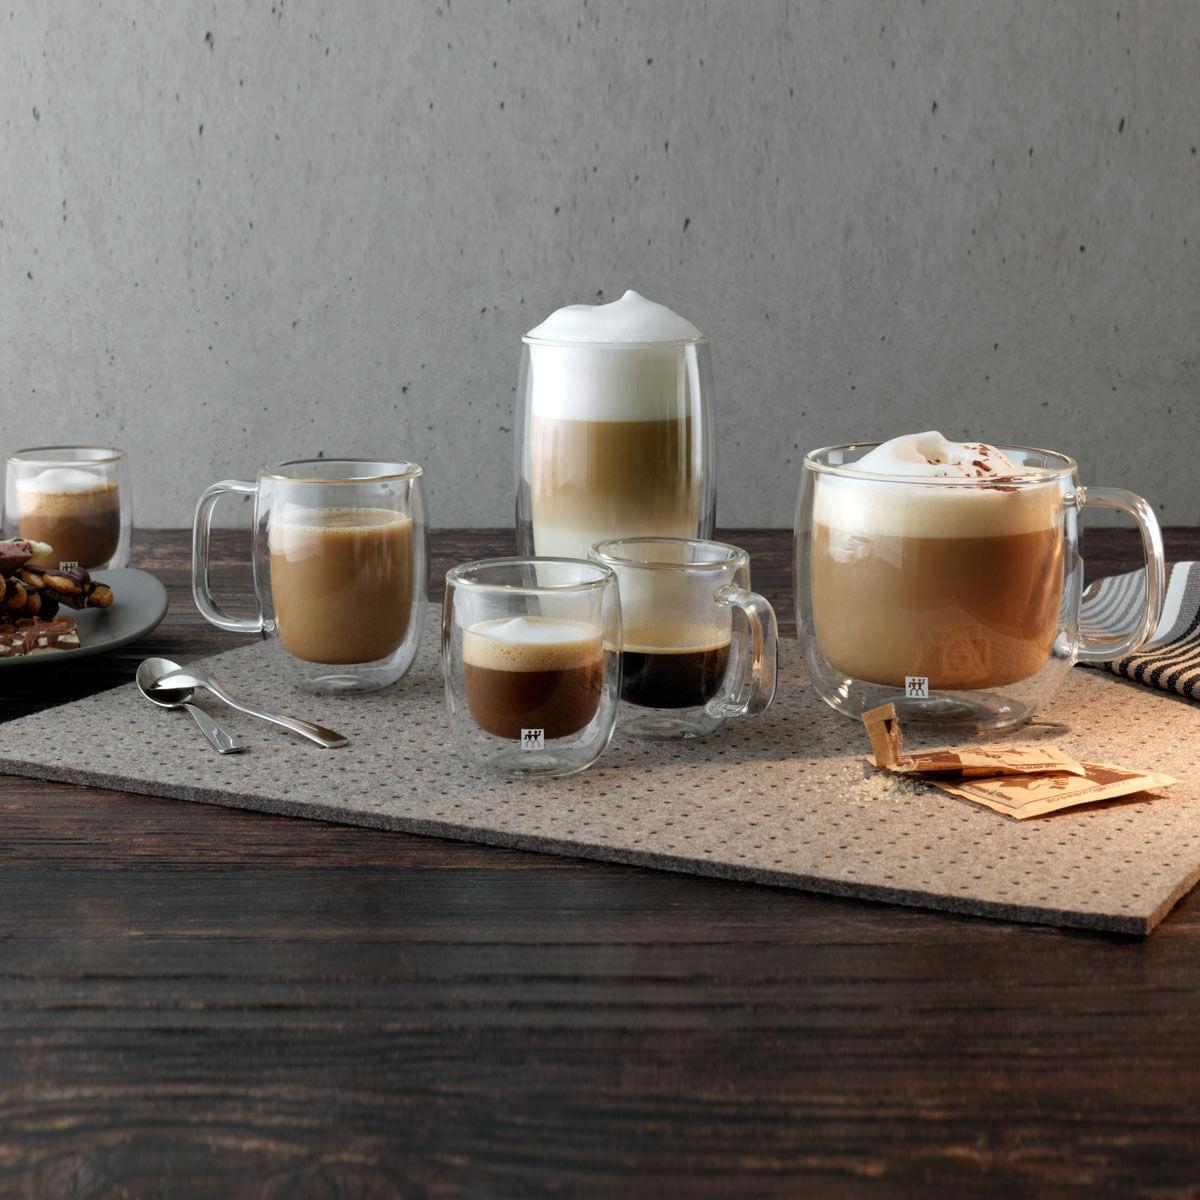 Caneca Cappuccino Sorrento Plus 2 Peças Parede Dupla Vidro 450 ml Zwilling J.A. Henckels